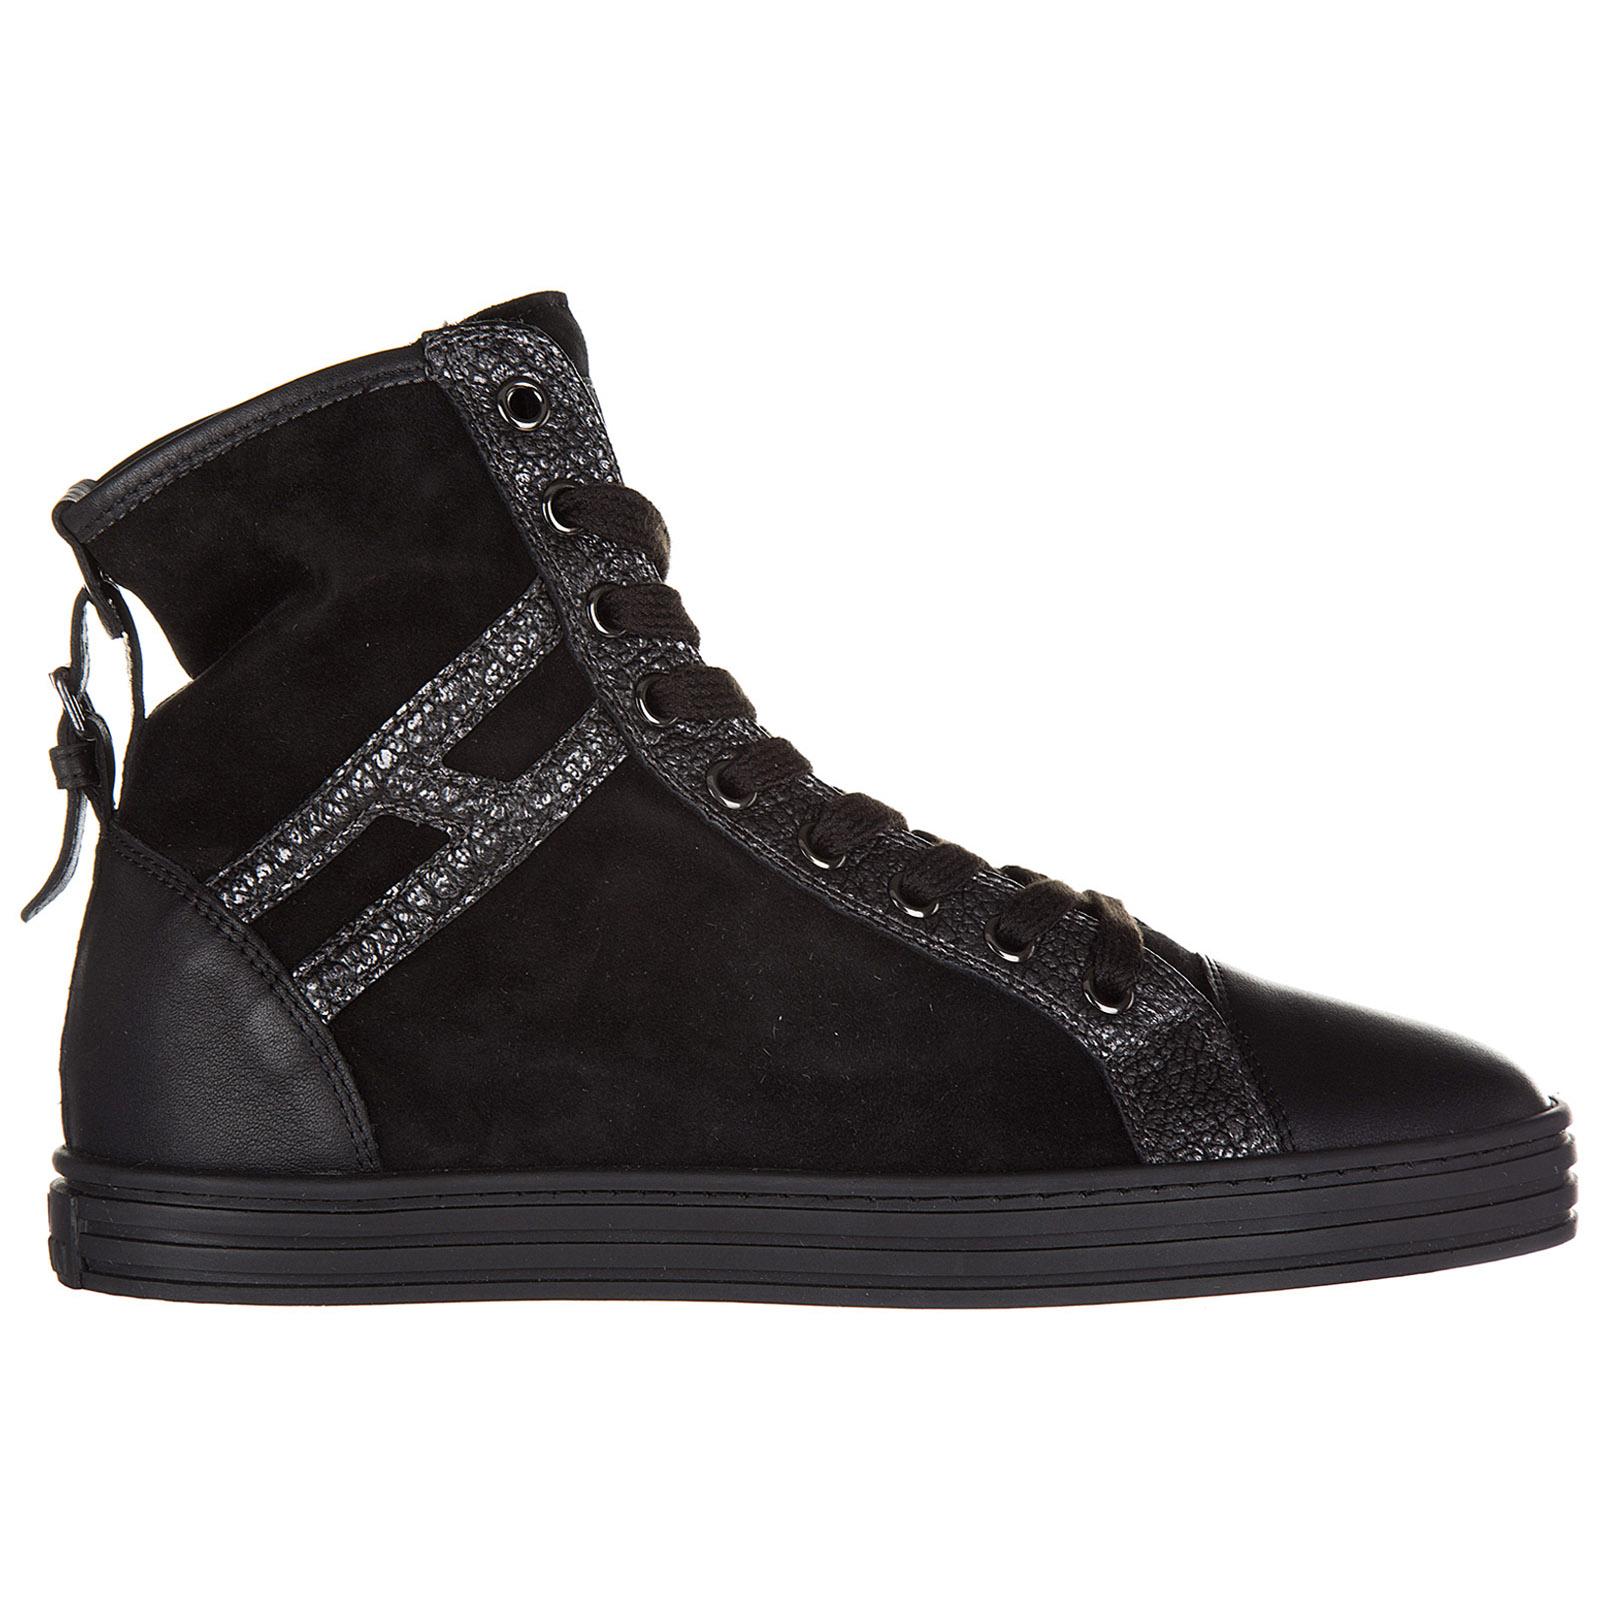 a36fce9791b56 Sneakers alte Hogan Rebel R182 HXW1820D661EJA0039 nero